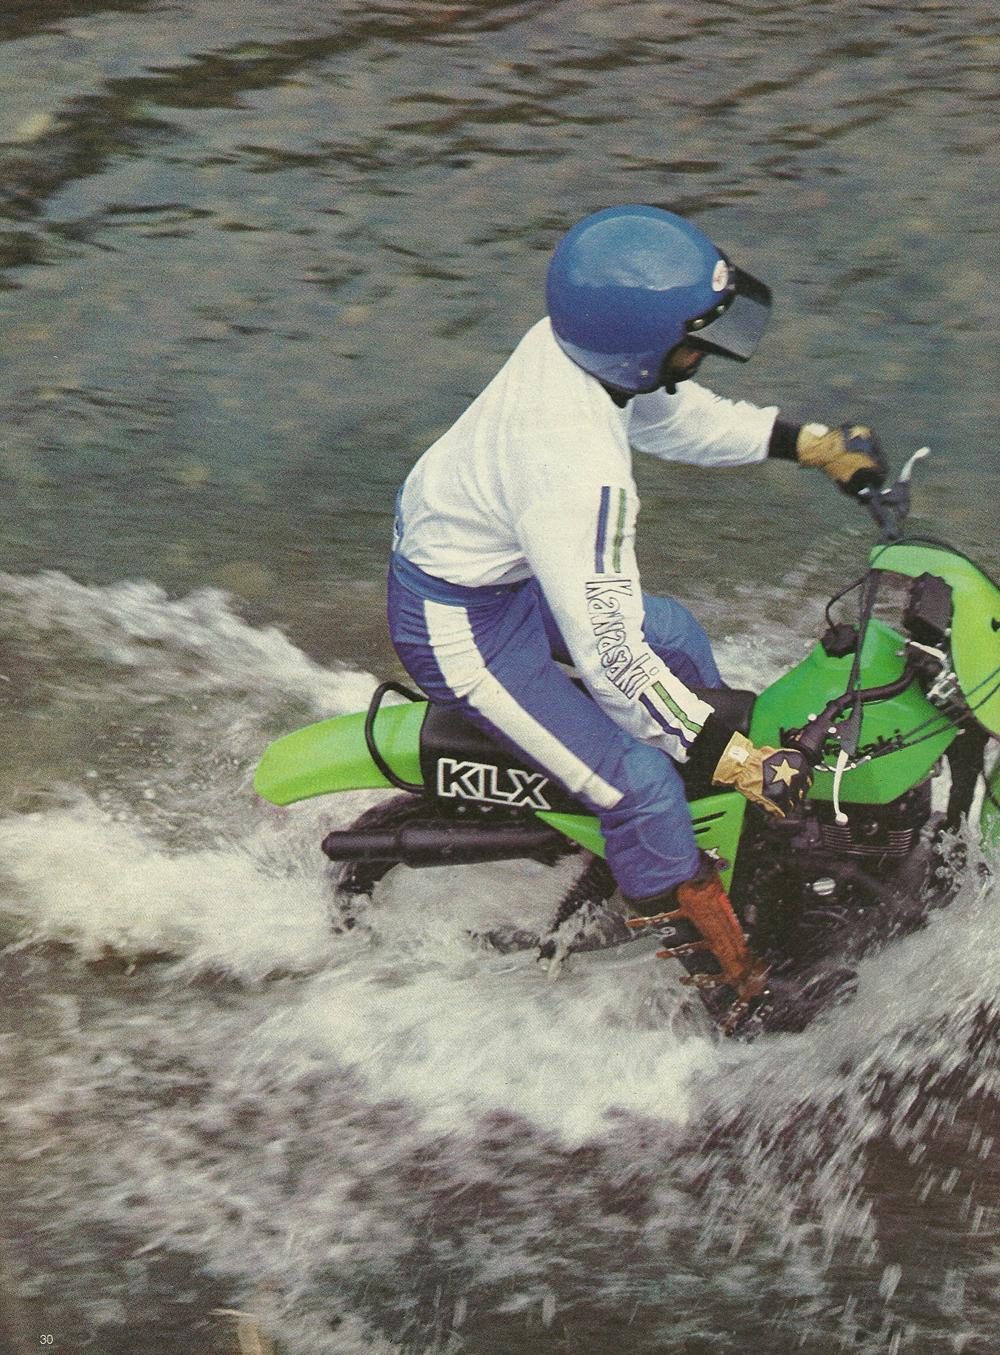 1979 Kawasaki KLX250 off road test 2.jpg